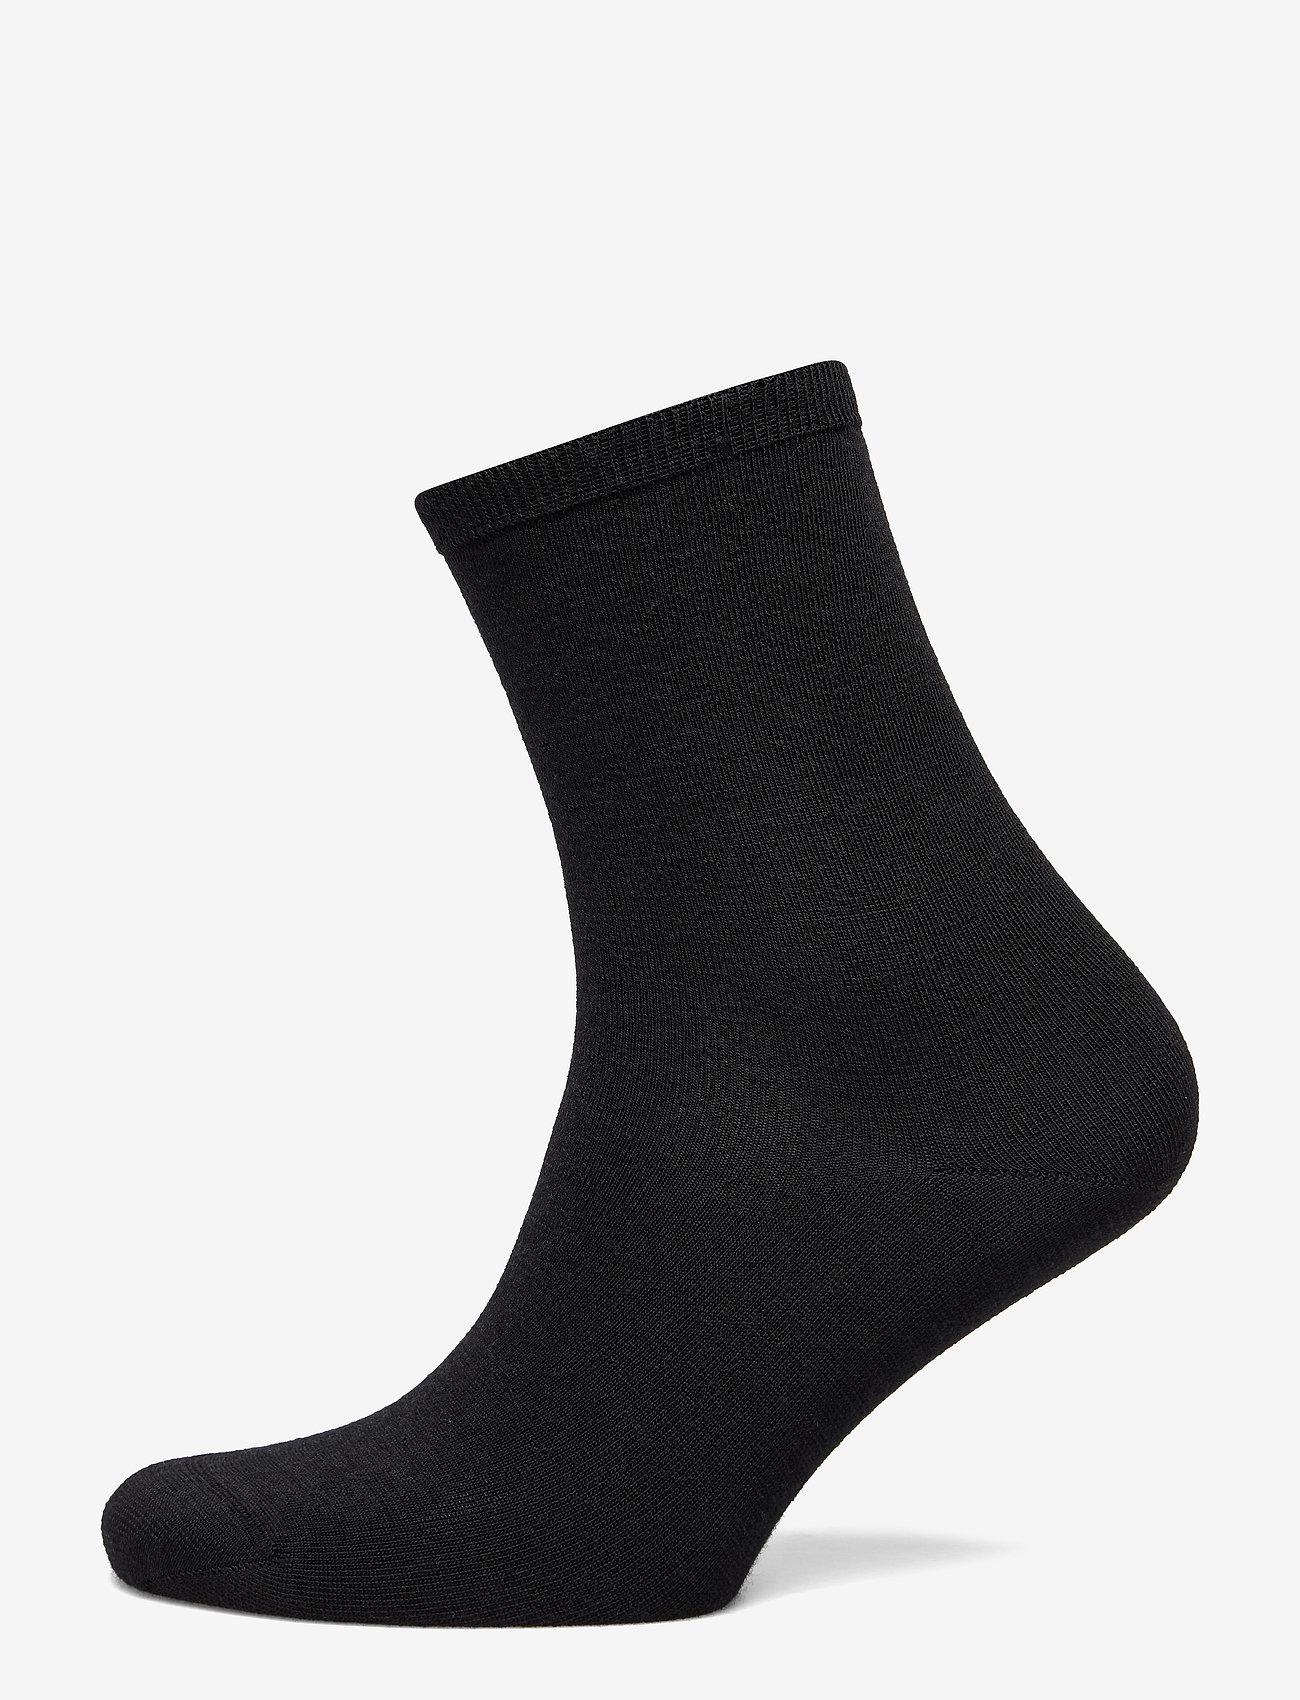 Vogue - Ladies anklesock, Plain Merino Wool Socks - sokken - black - 1